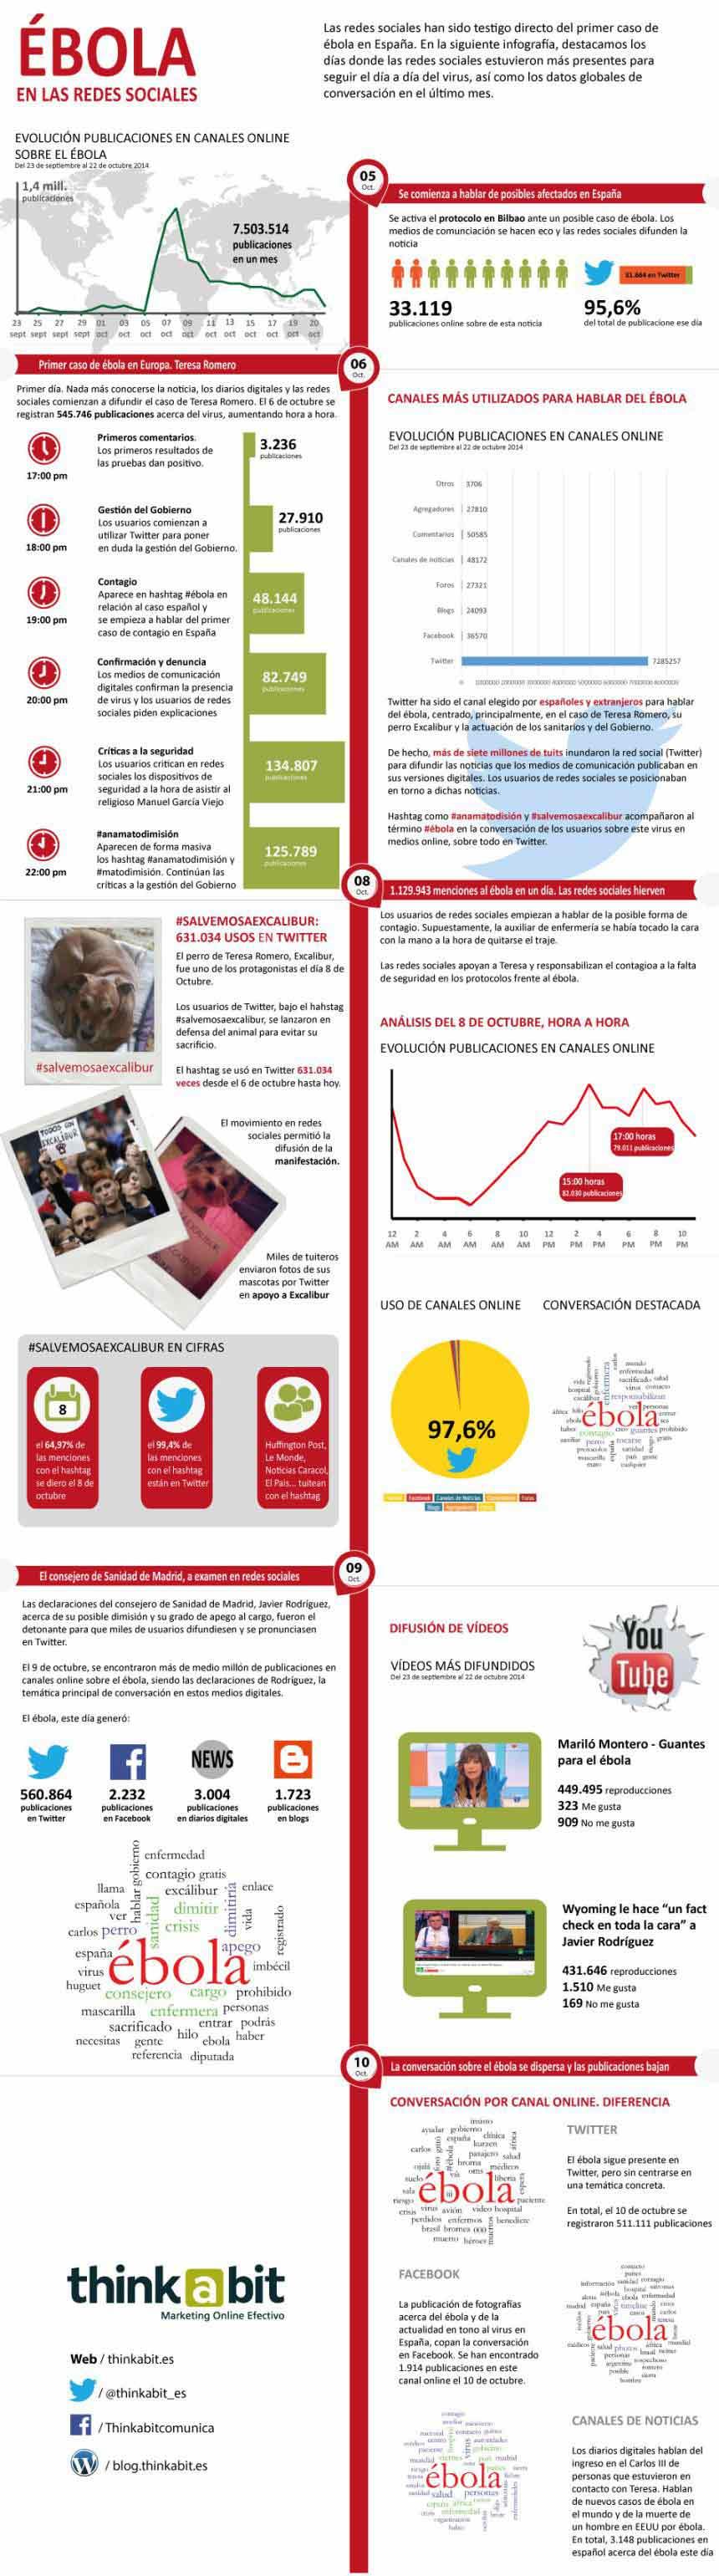 Una infografía sobre El ébola en las Redes Sociales.